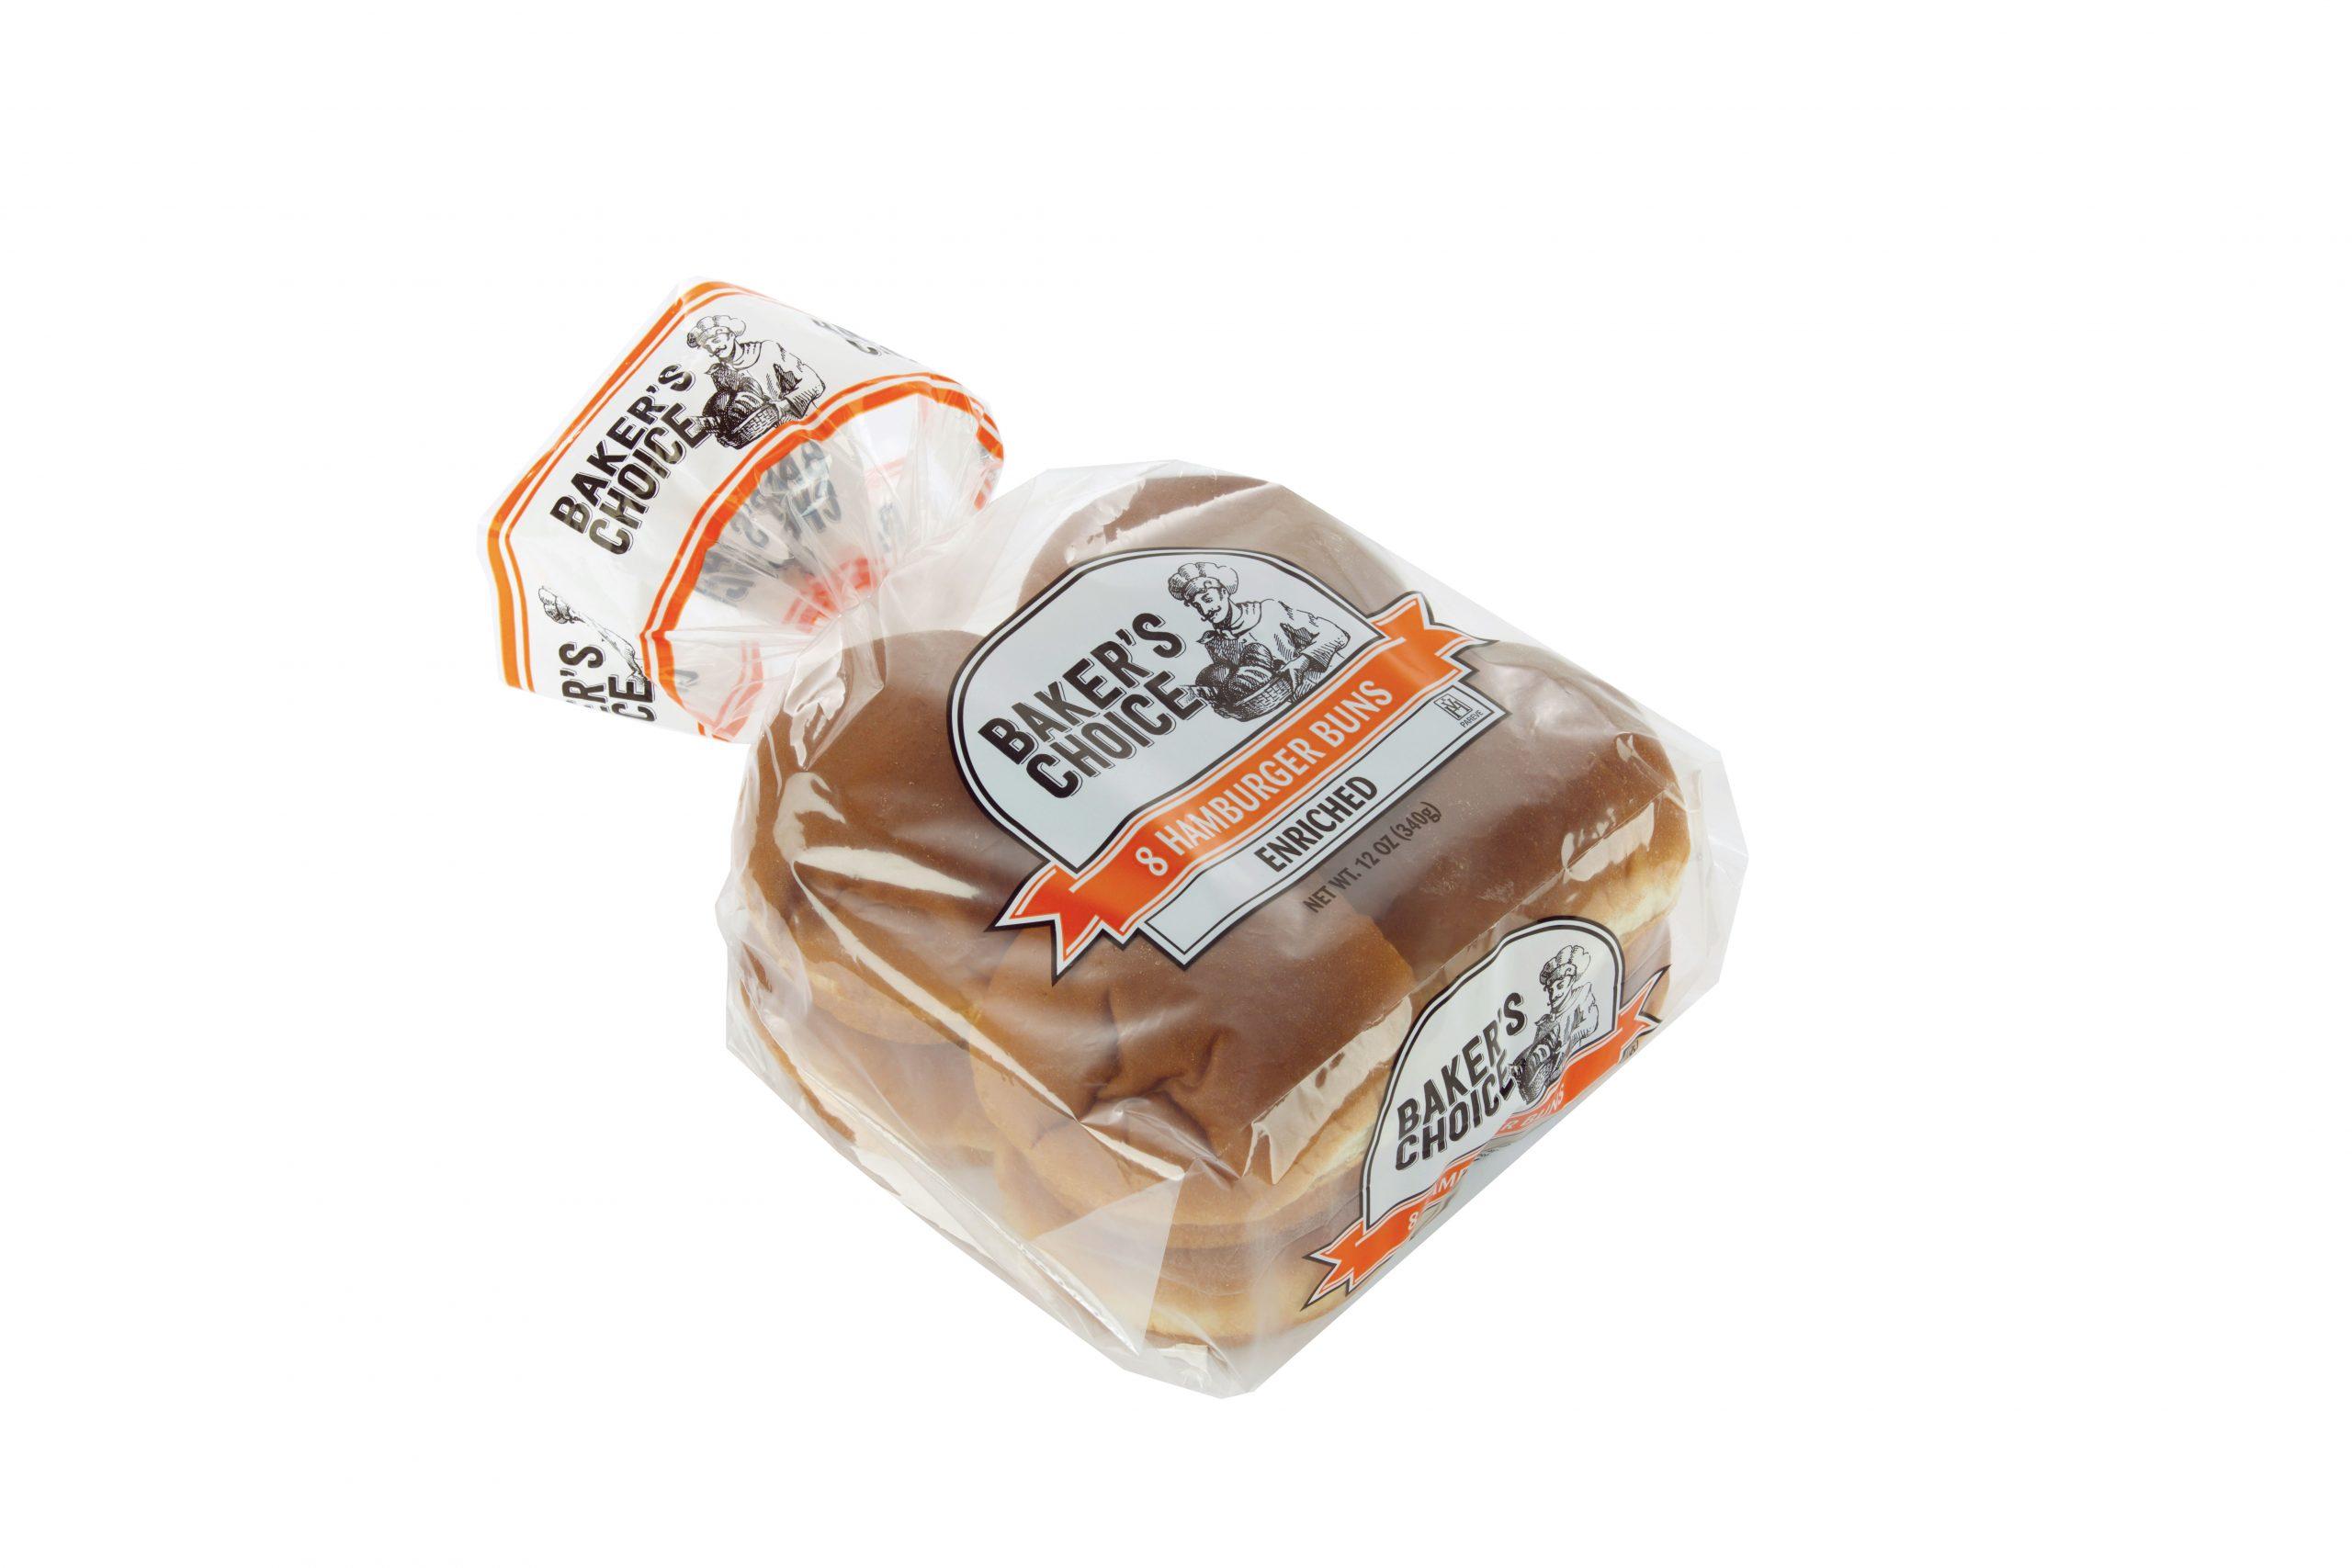 package of Baker's Choice hamburger buns